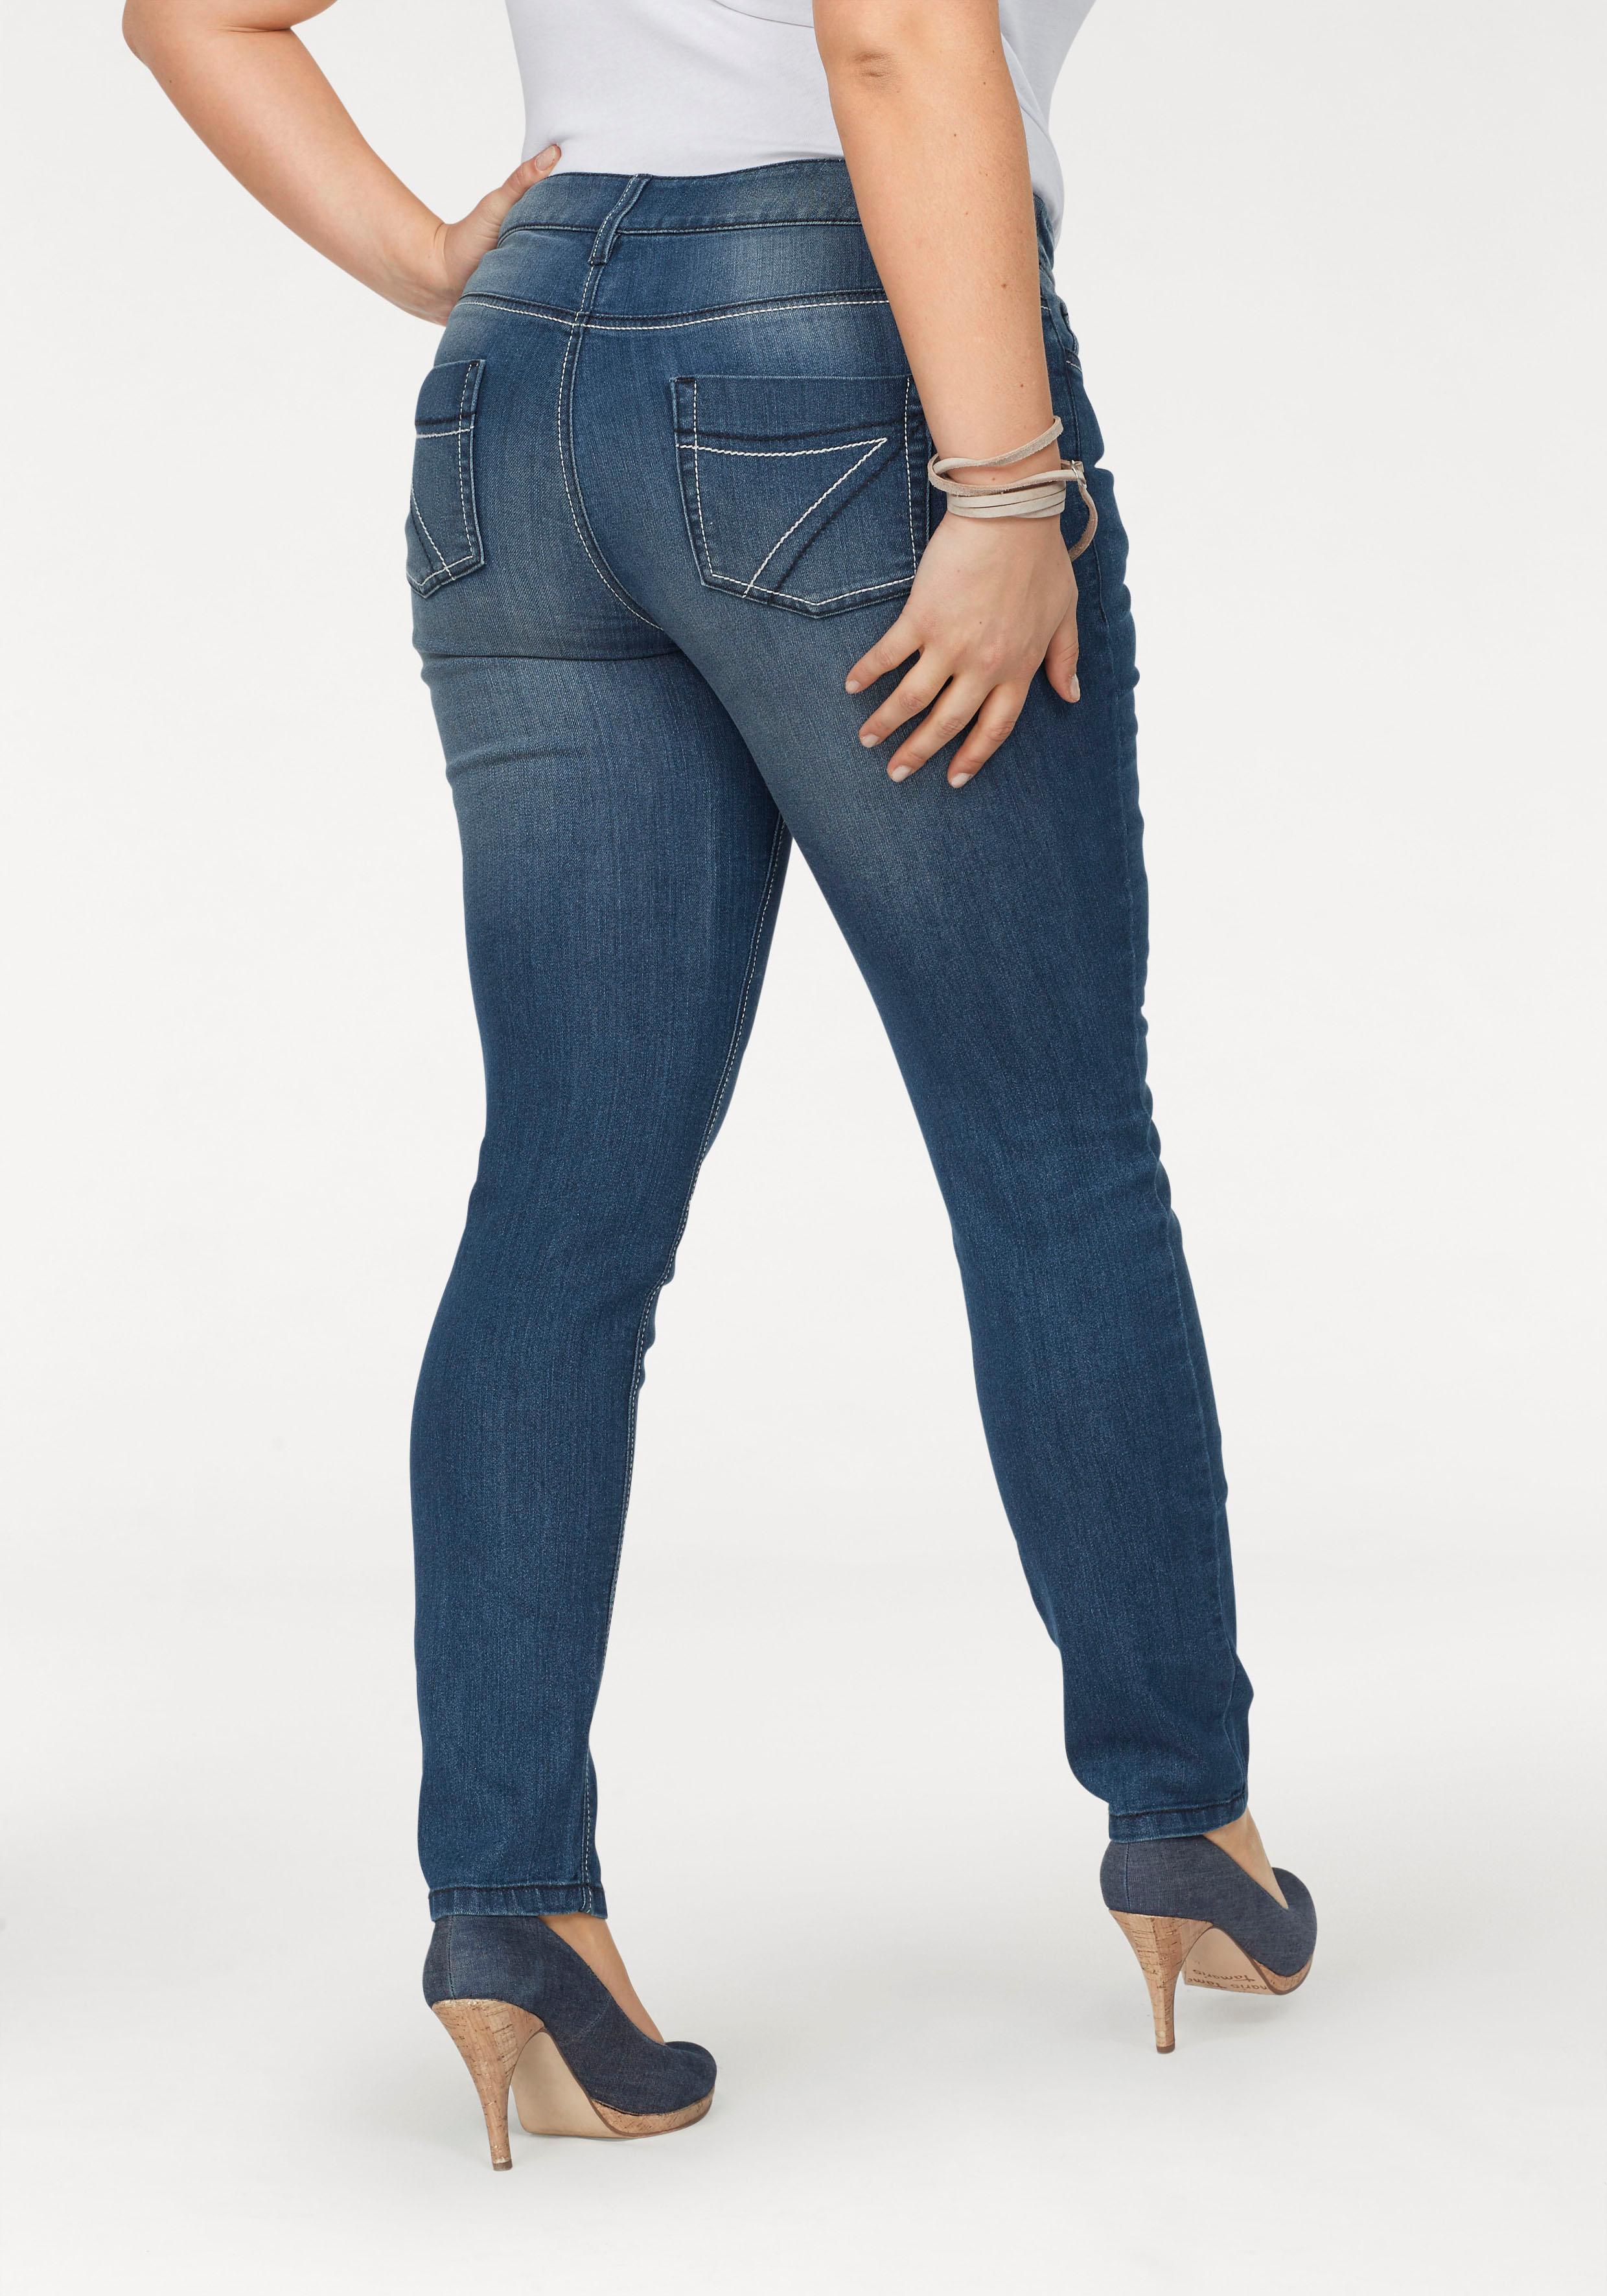 Arizona Slim-fit-Jeans mit Kontrastnähten, Mid Waist günstig online kaufen